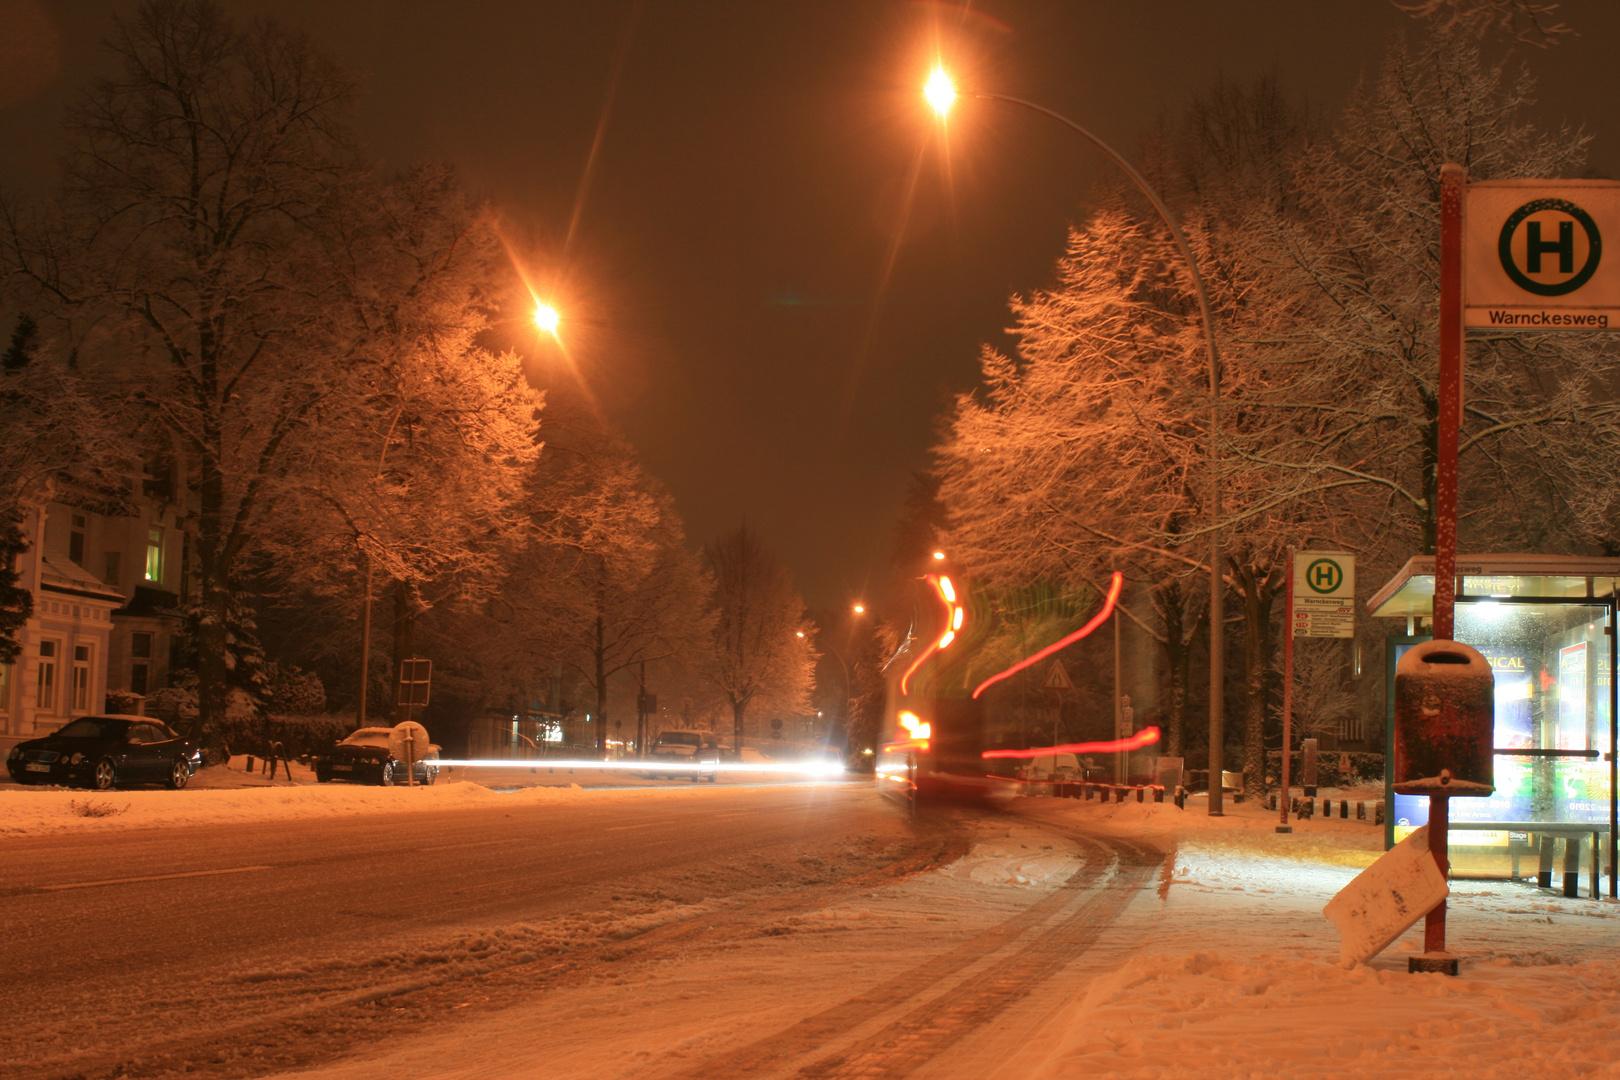 Winterliche Borsteler Chaussee! / Borsteler Chaussee (avenida) invernal! - Part1